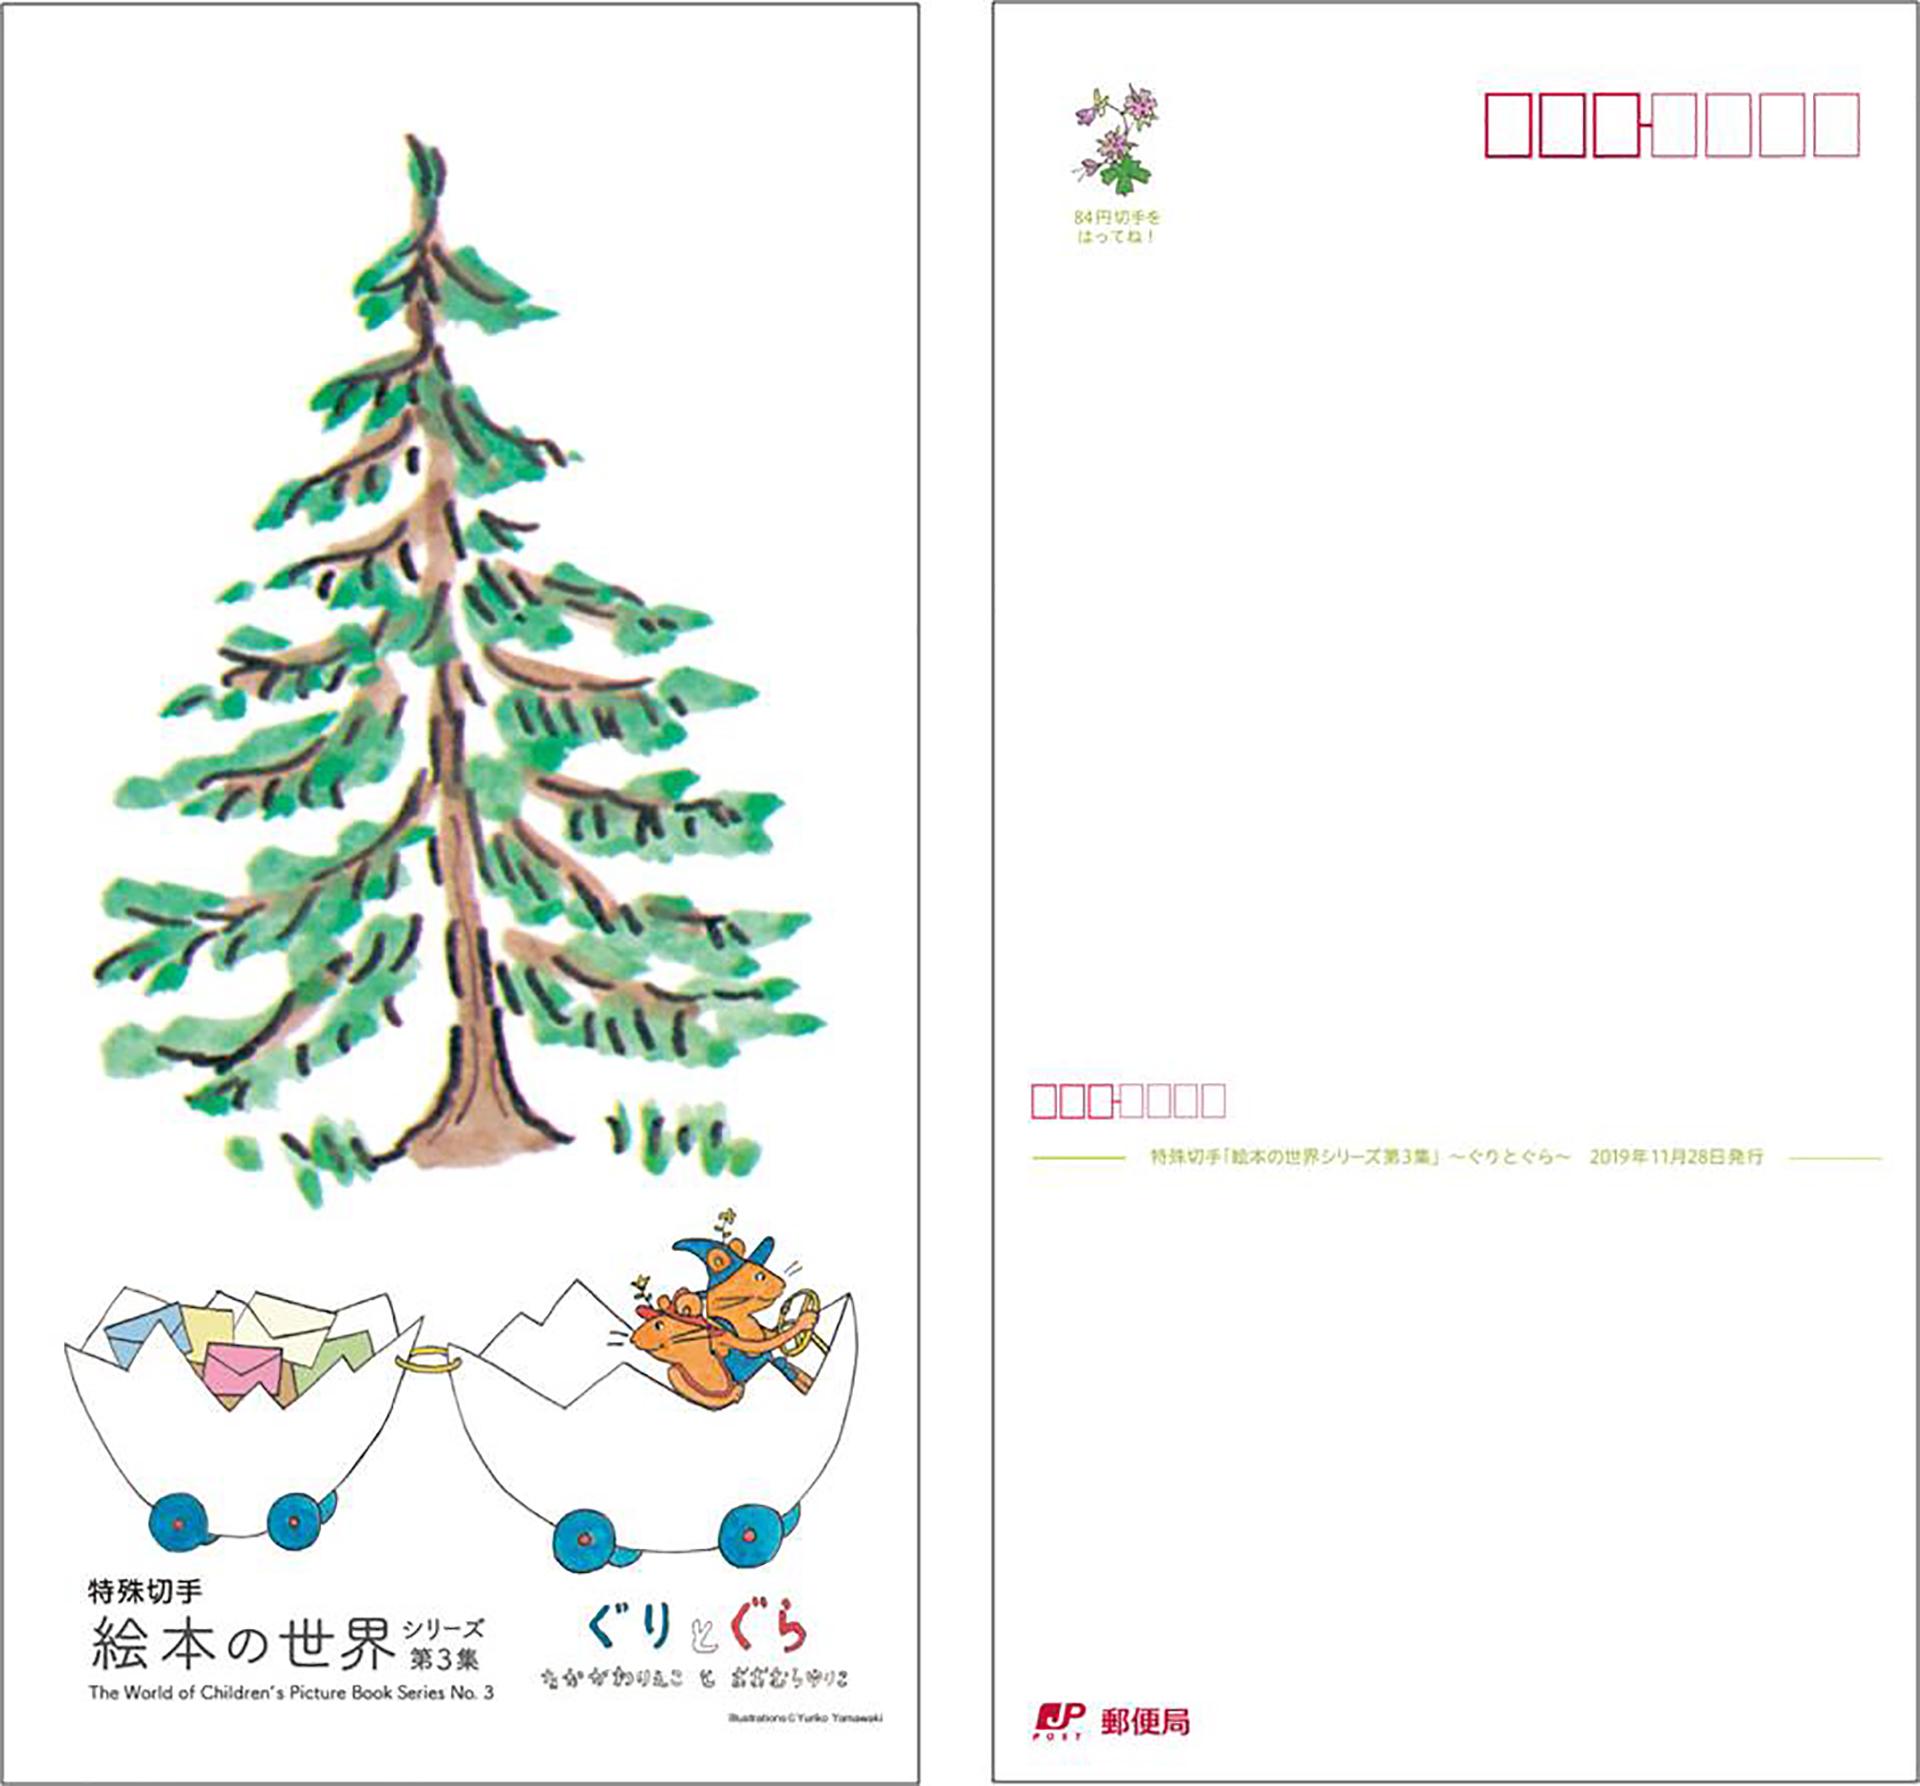 特殊切手「絵本の世界シリーズ第3集 ぐりとぐら」発行記念イベント・ハガキ